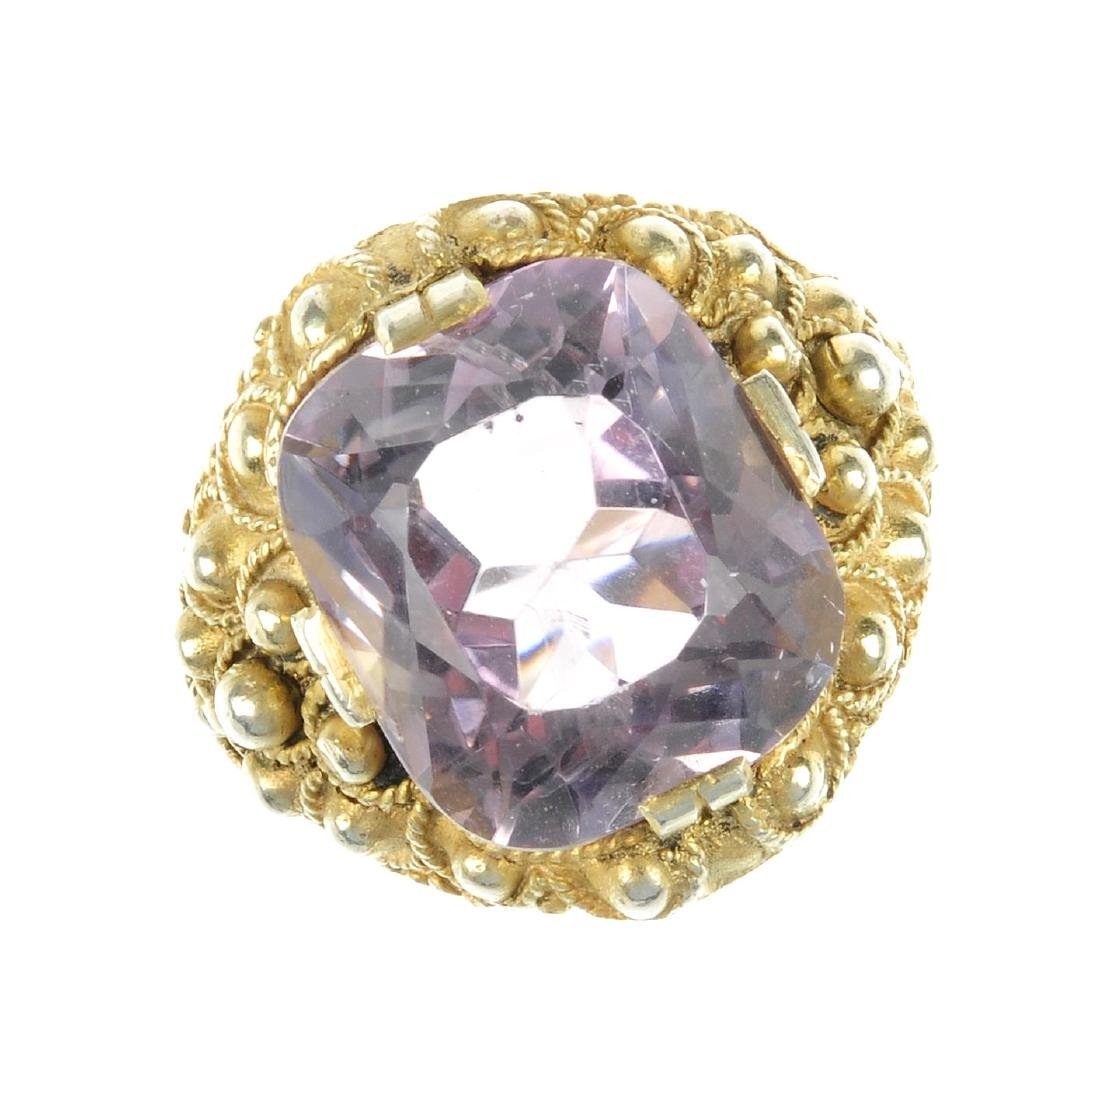 THEODOR FAHRNER - an amethyst ring. Designed as a